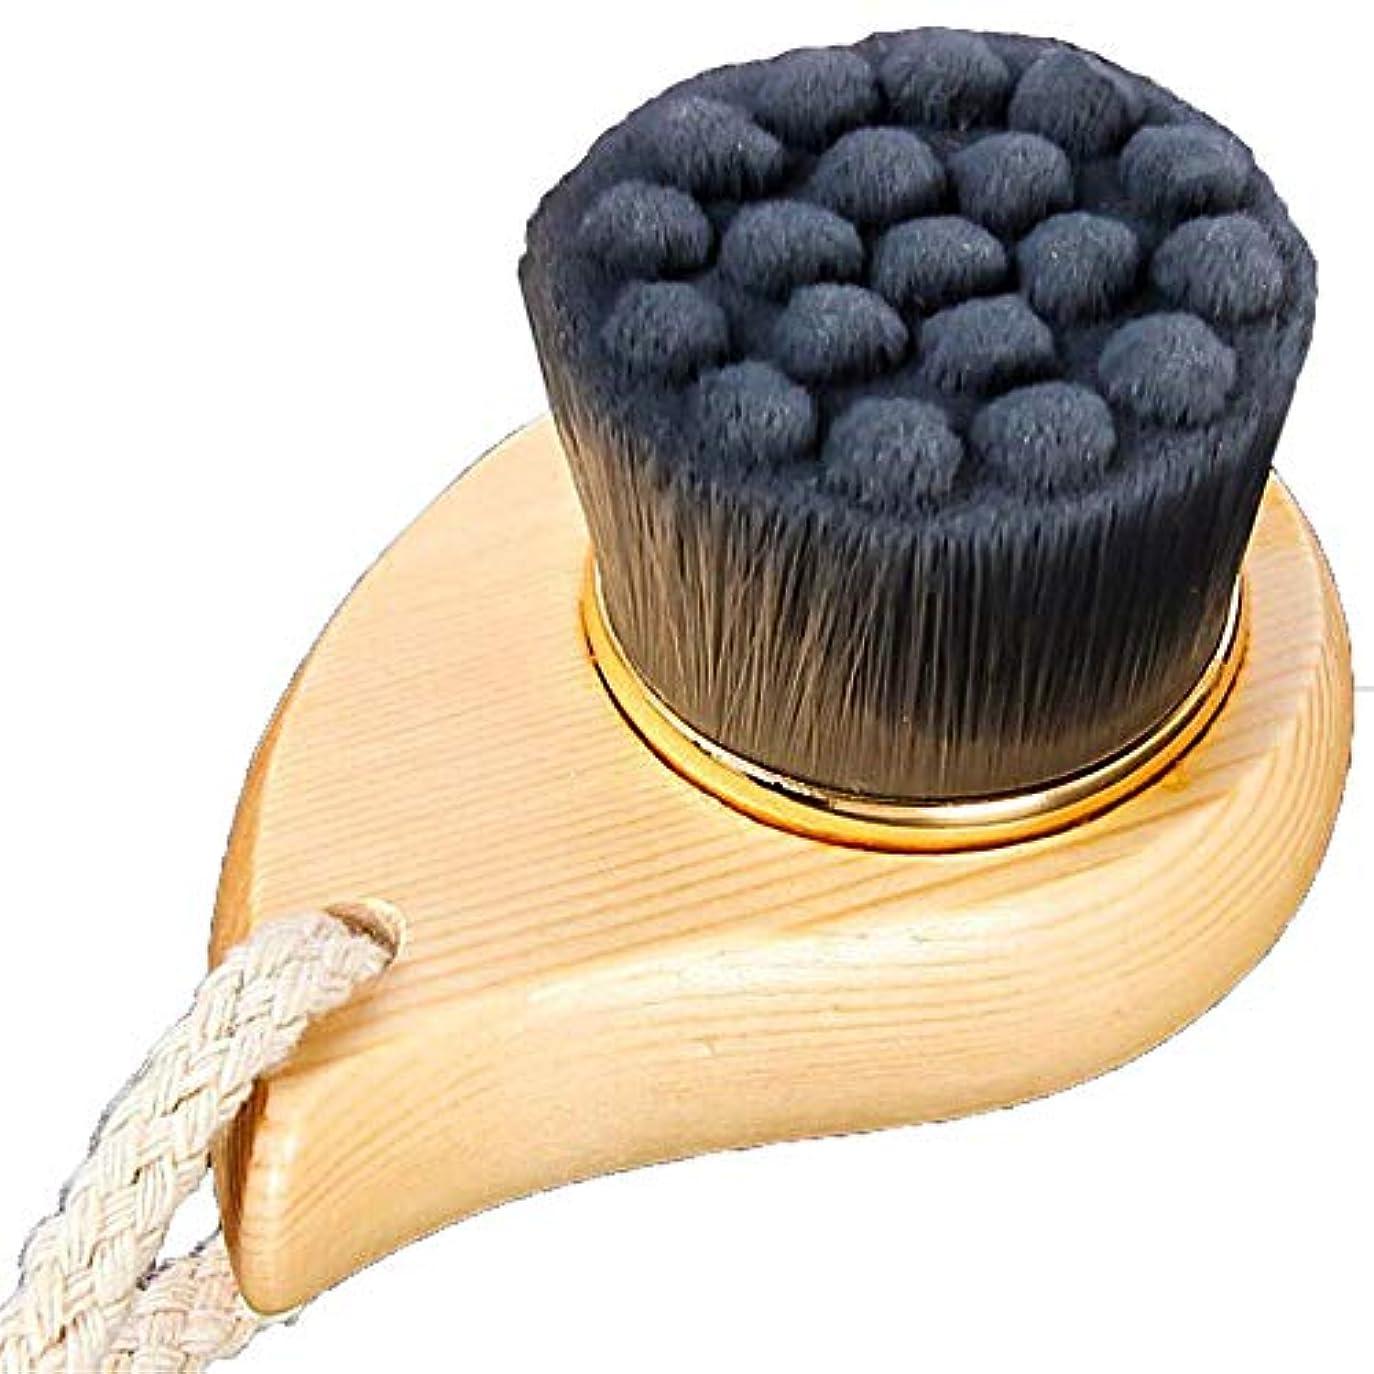 微視的逆スペード洗顔ブラシ 深い毛穴のための柔らかい剛毛の表面クリーニングの美のブラシの清潔になることの美顔術のブラシ ディープクレンジングスキンケア用